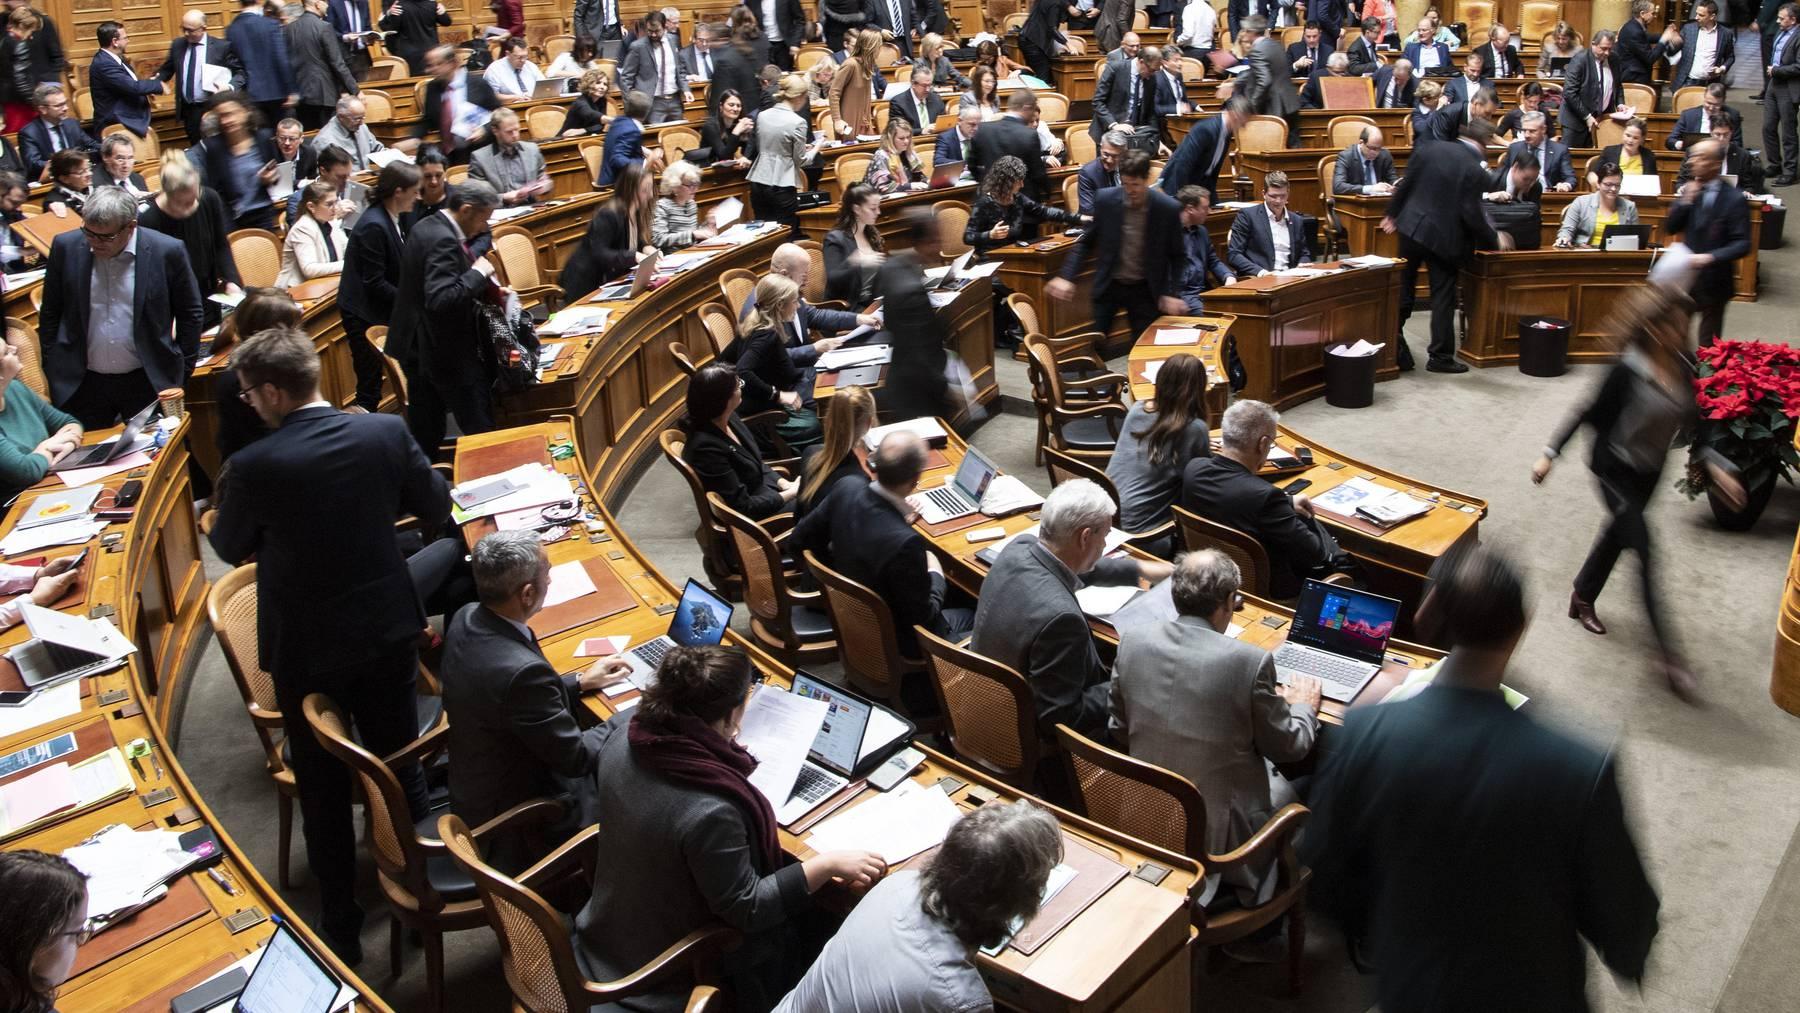 Parlamentarier kritisieren den Bundesrat dafür, er erfülle die Aufträge des Parlaments nicht. Laut einer neuen Untersuchung trifft das nicht zu.